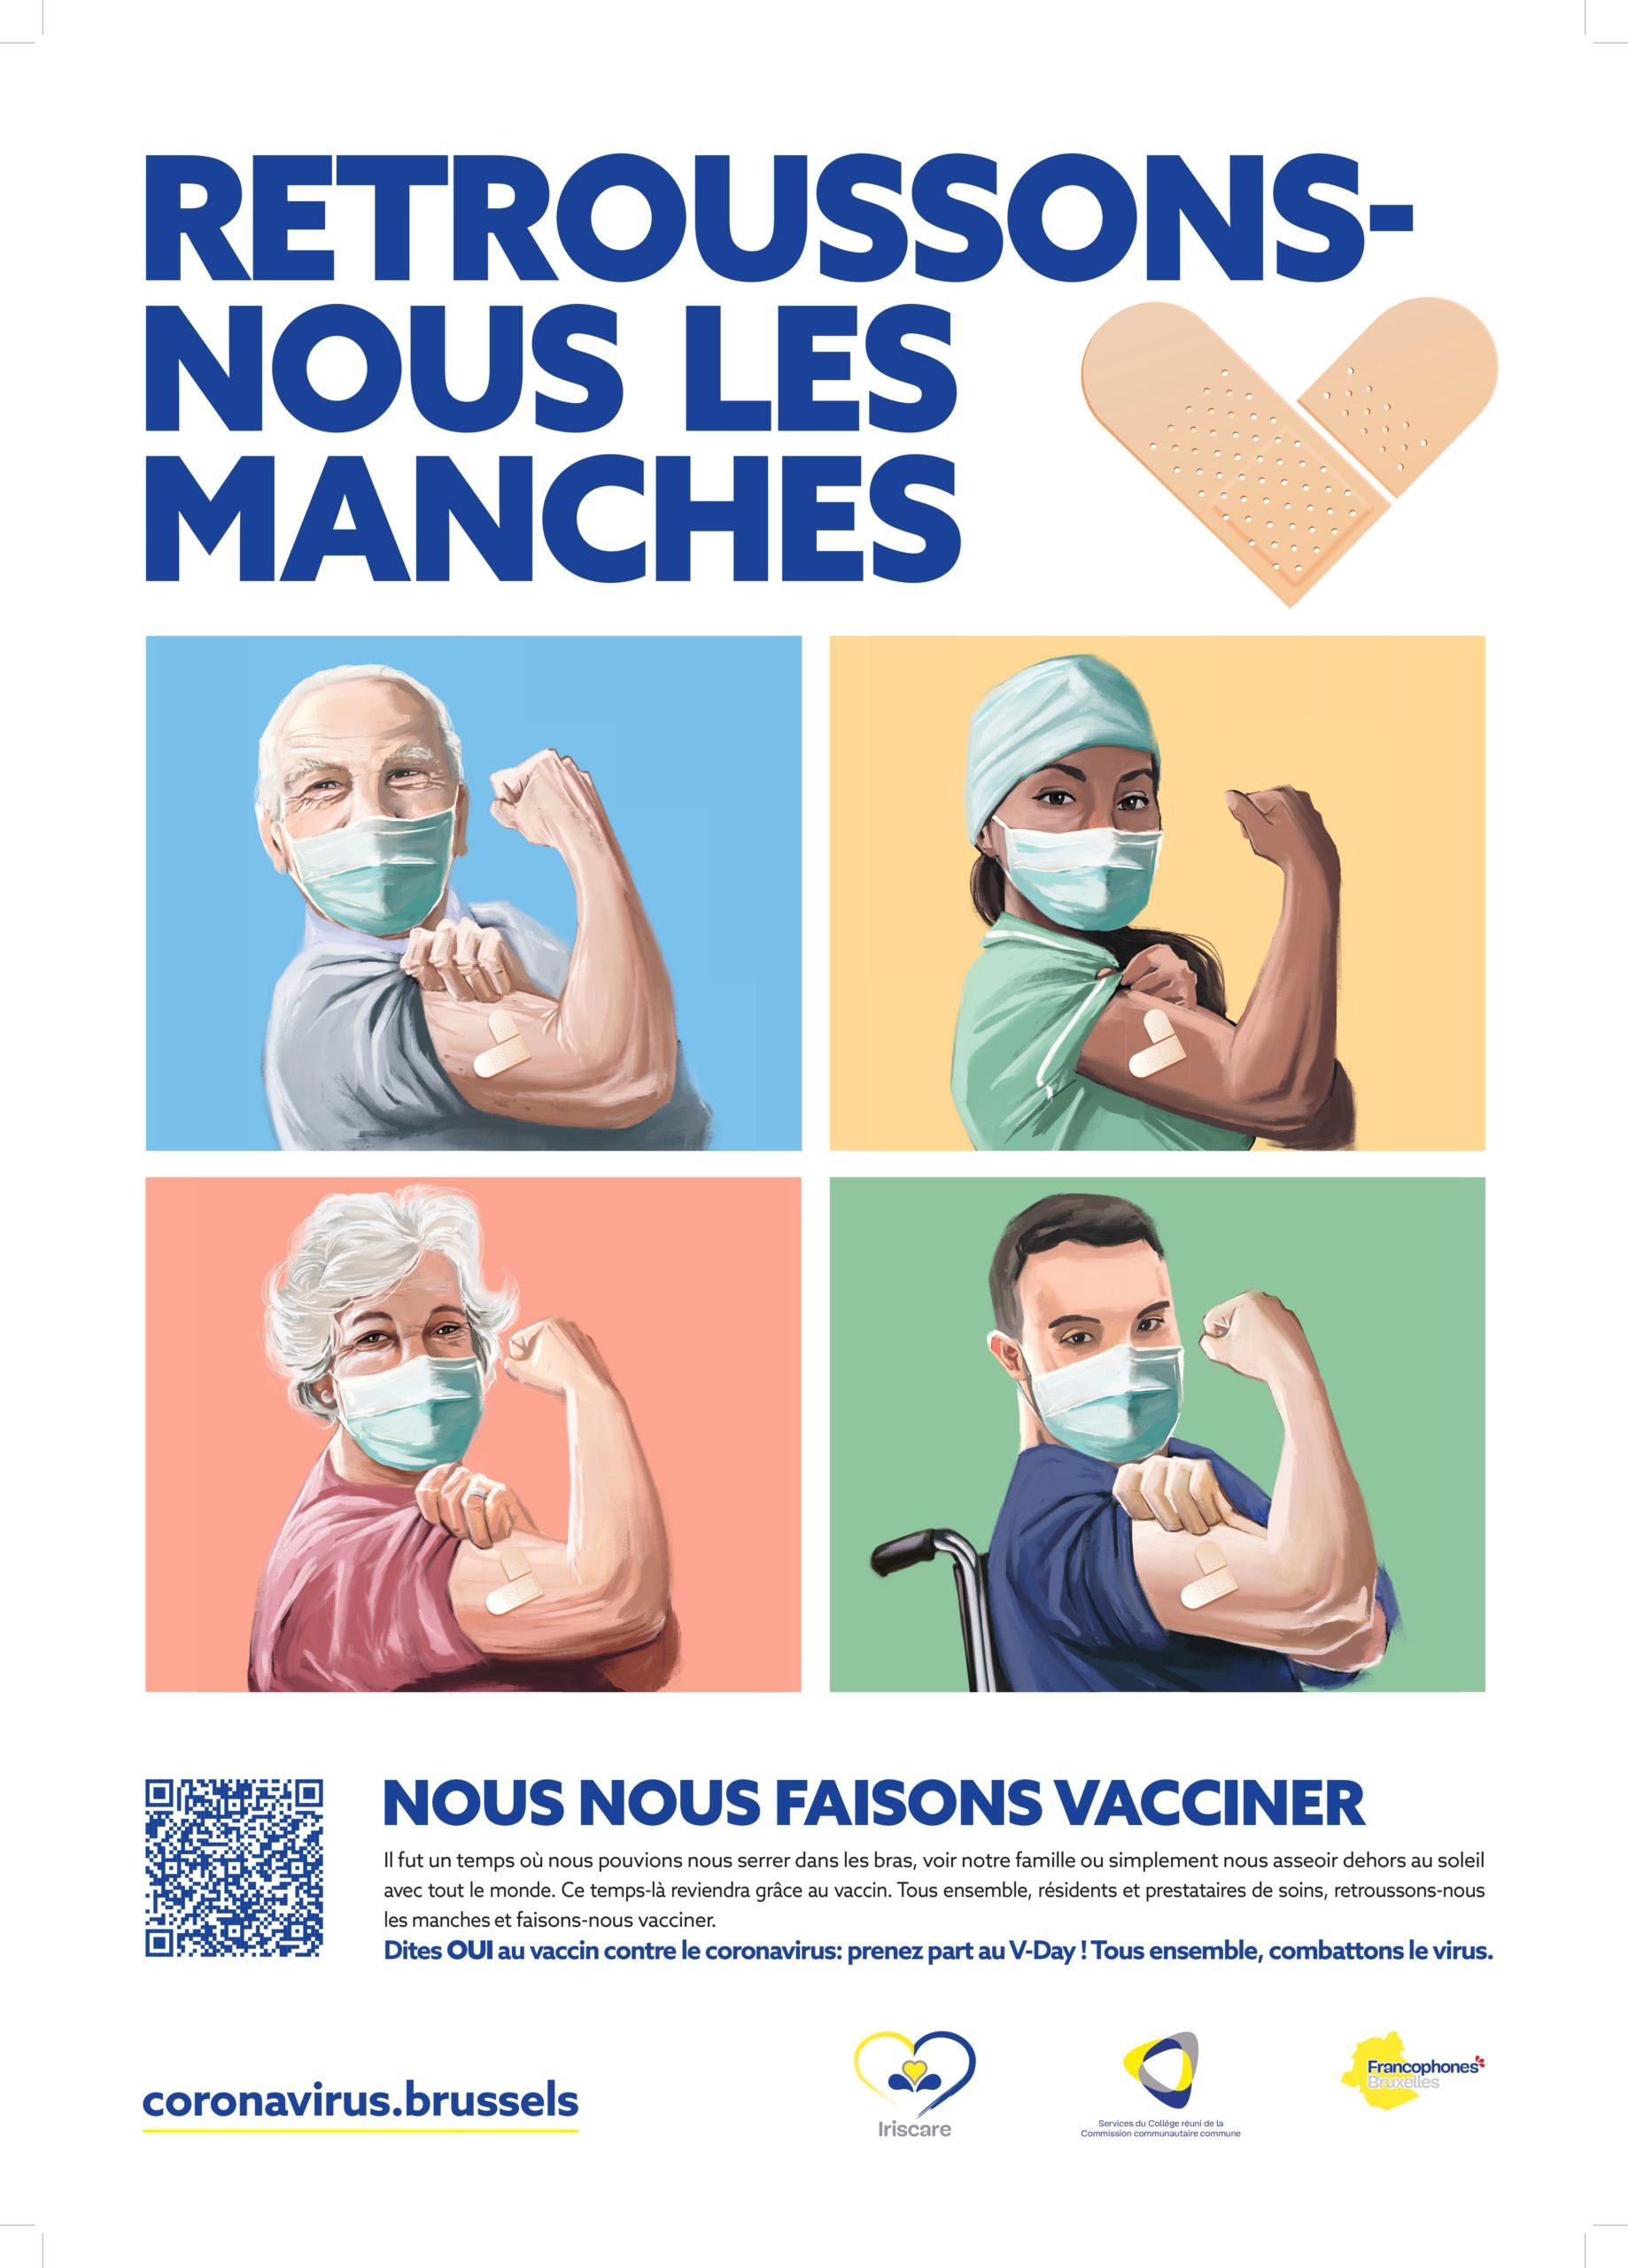 Retroussons-nous les manches - Nous nous faisons vacciner - Il fut un temps où nous pouvions nous serrer dans les bras, voir notre famille ou simplement nous asseoir dehors au soleil avec tout le monde. Ce temps-là reviendra grâce au vaccin. Tous ensemble, résidents et prestataires de soins, retroussons-nous les manches et faisons-nous vacciner. Dites OUI au vaccin contre le coronavirus: prenez part au V-Day ! Tous ensemble, combattons le virus.